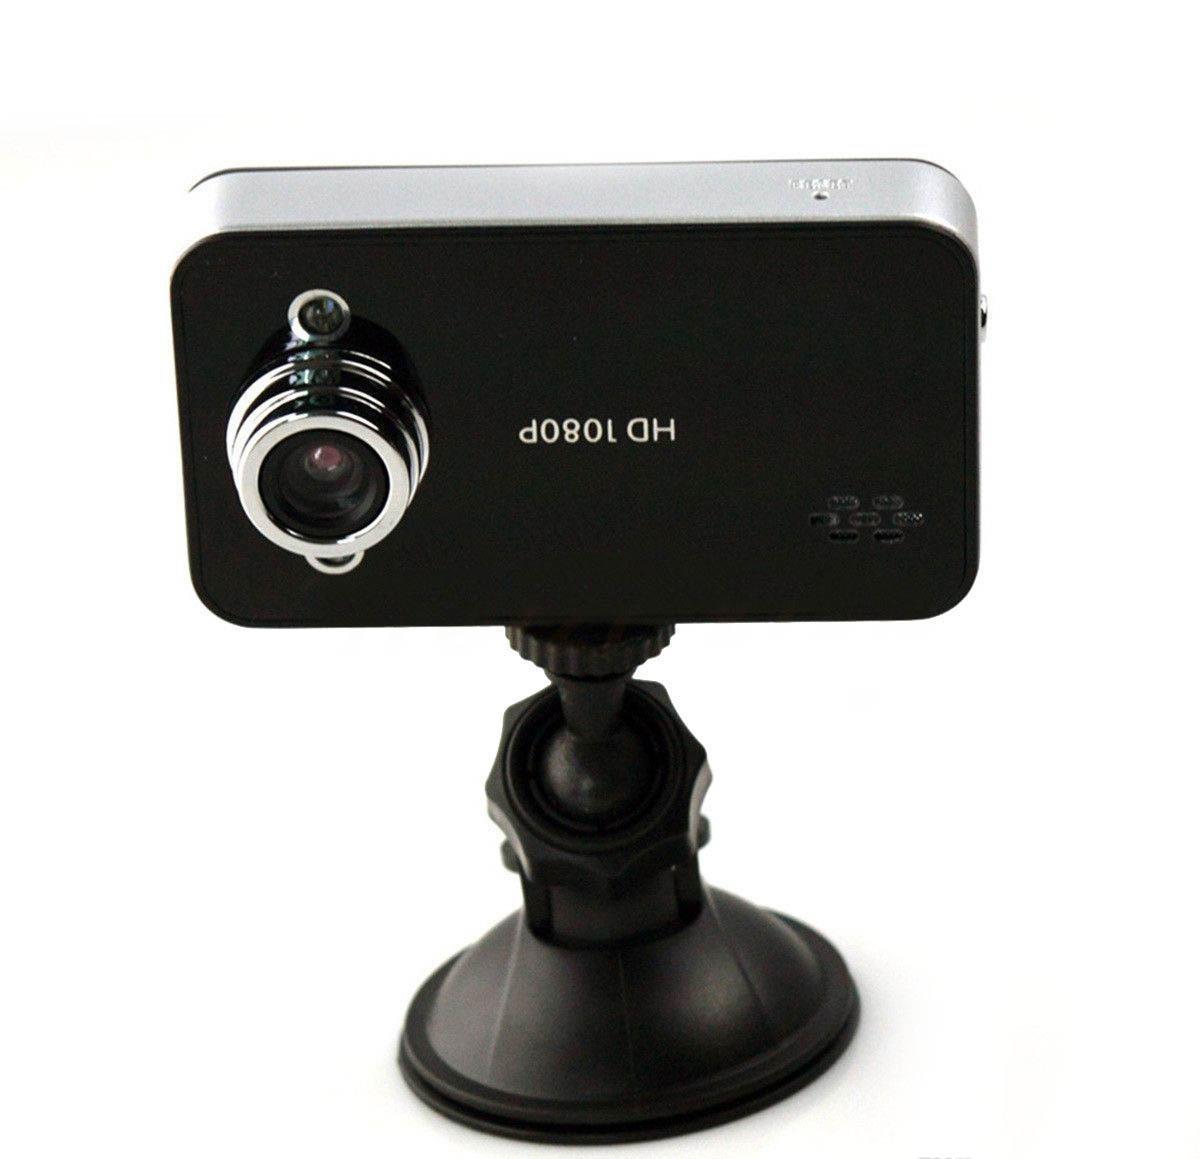 2.4 Caméra Full HD 1080P voiture DVR enregistreur vidéo Dash cam caméscope Livraison gratuite véhicule www.avalonkef.com.jpg